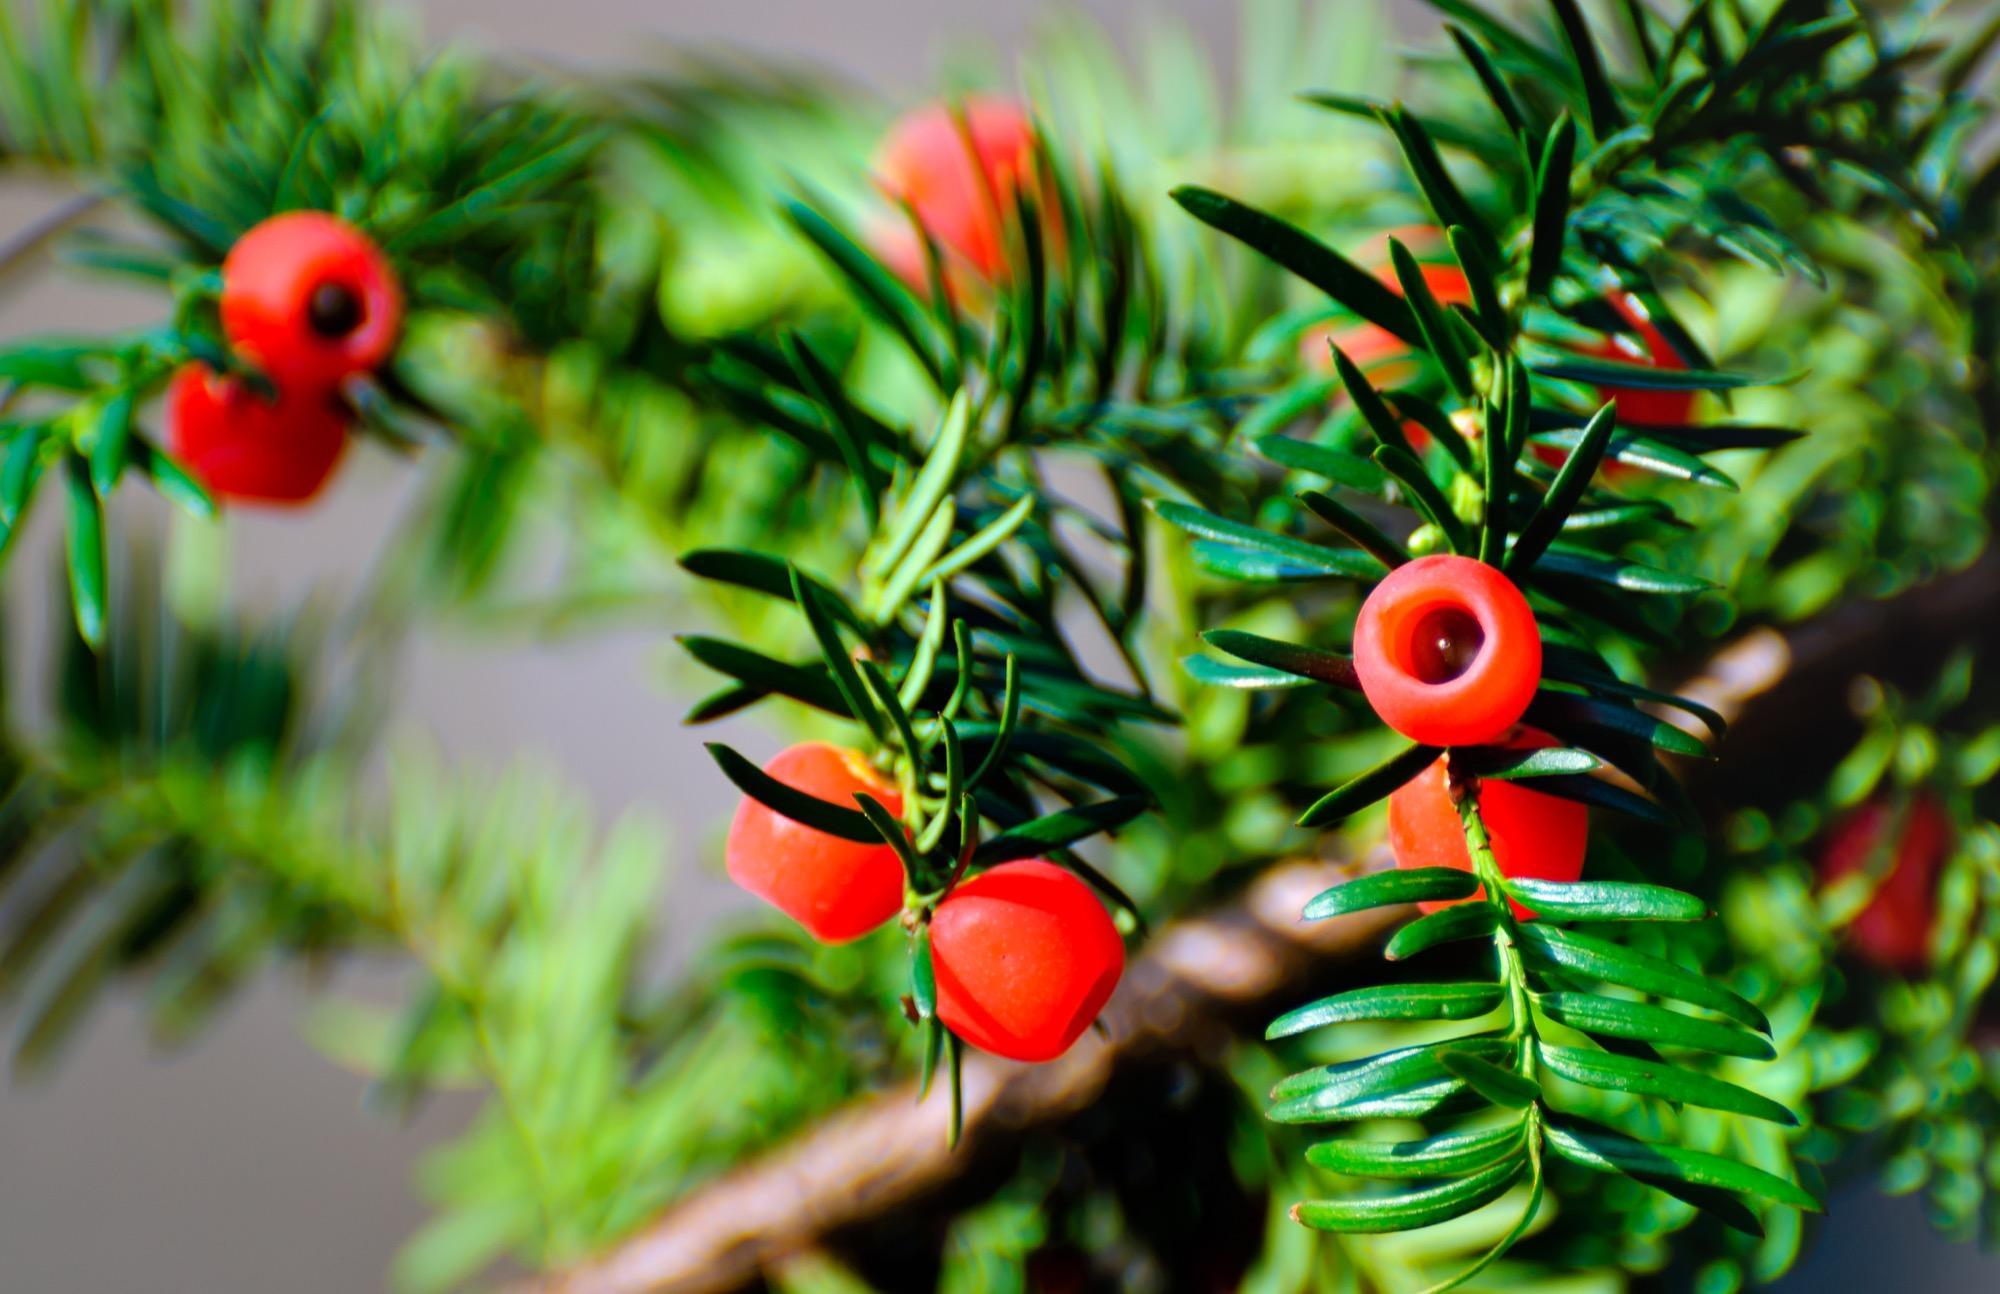 13 Gartenpflanzen tig für Kinder sind